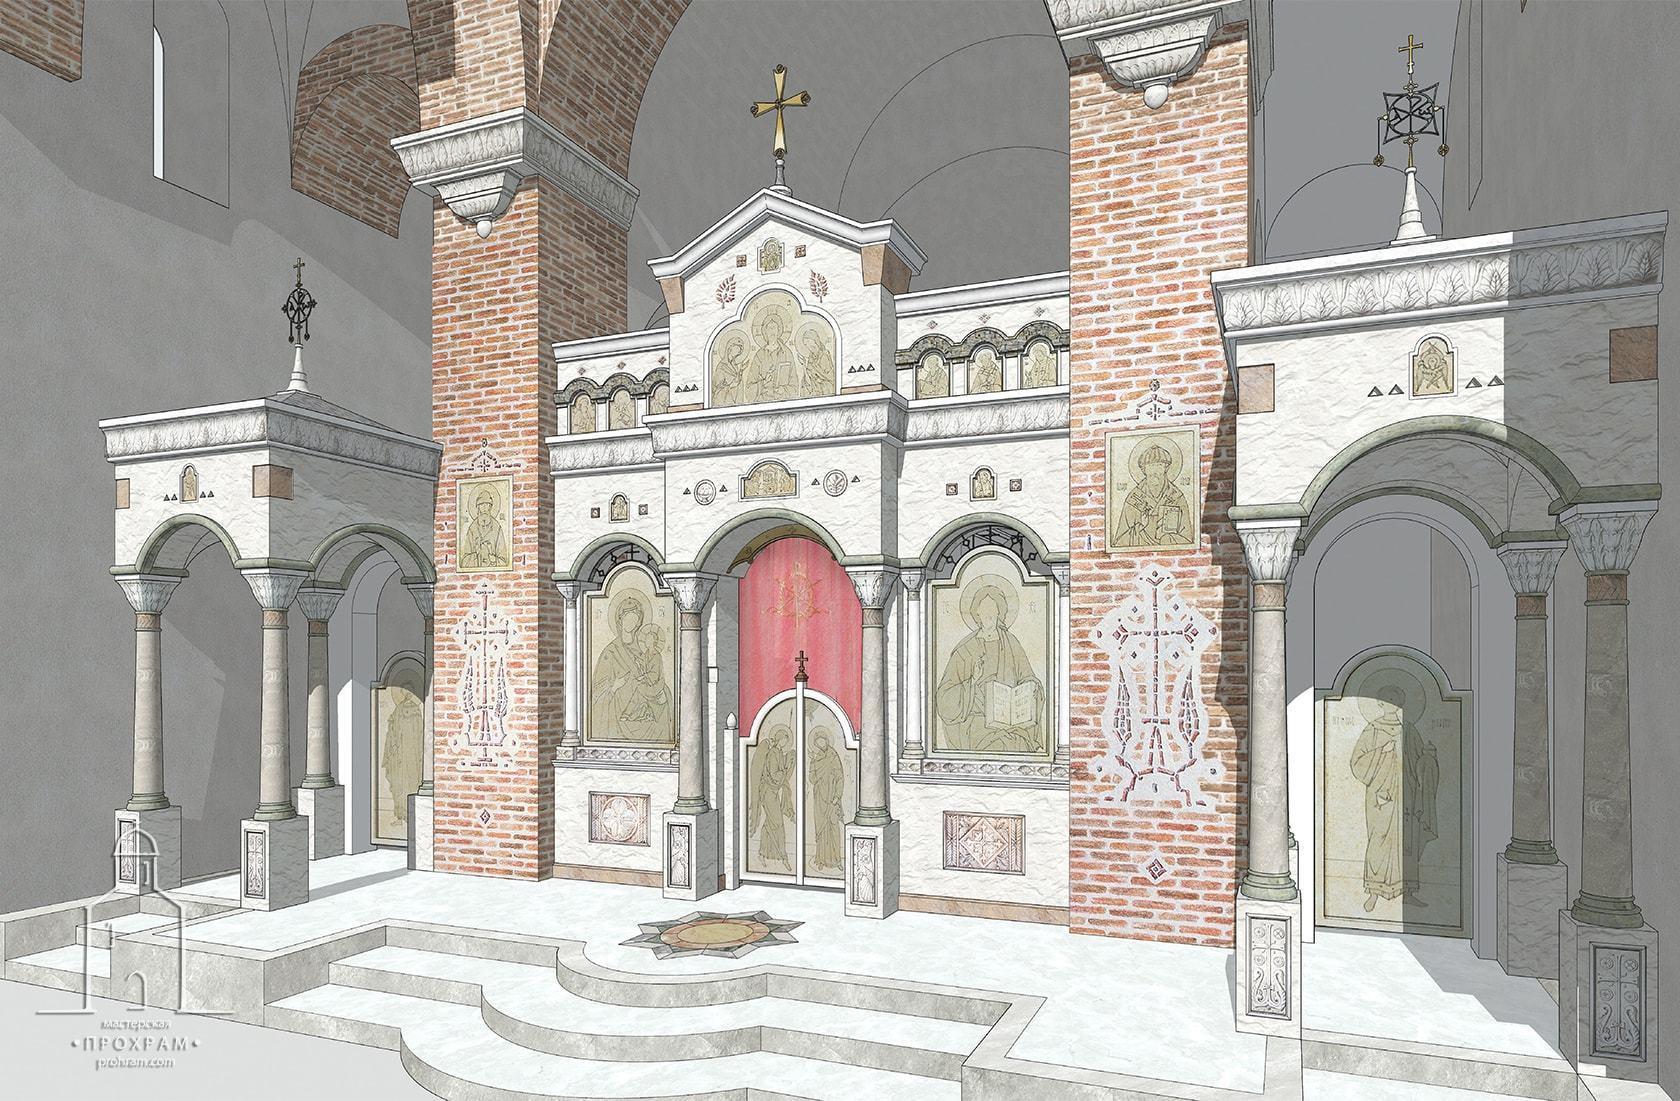 проект иконостаса, проектирование православных храмов, архитектурное бюро мастерская, храм в честь святителя Спиридона Тримифунтского, иконостас для храма свт. Спиридона, эскиз